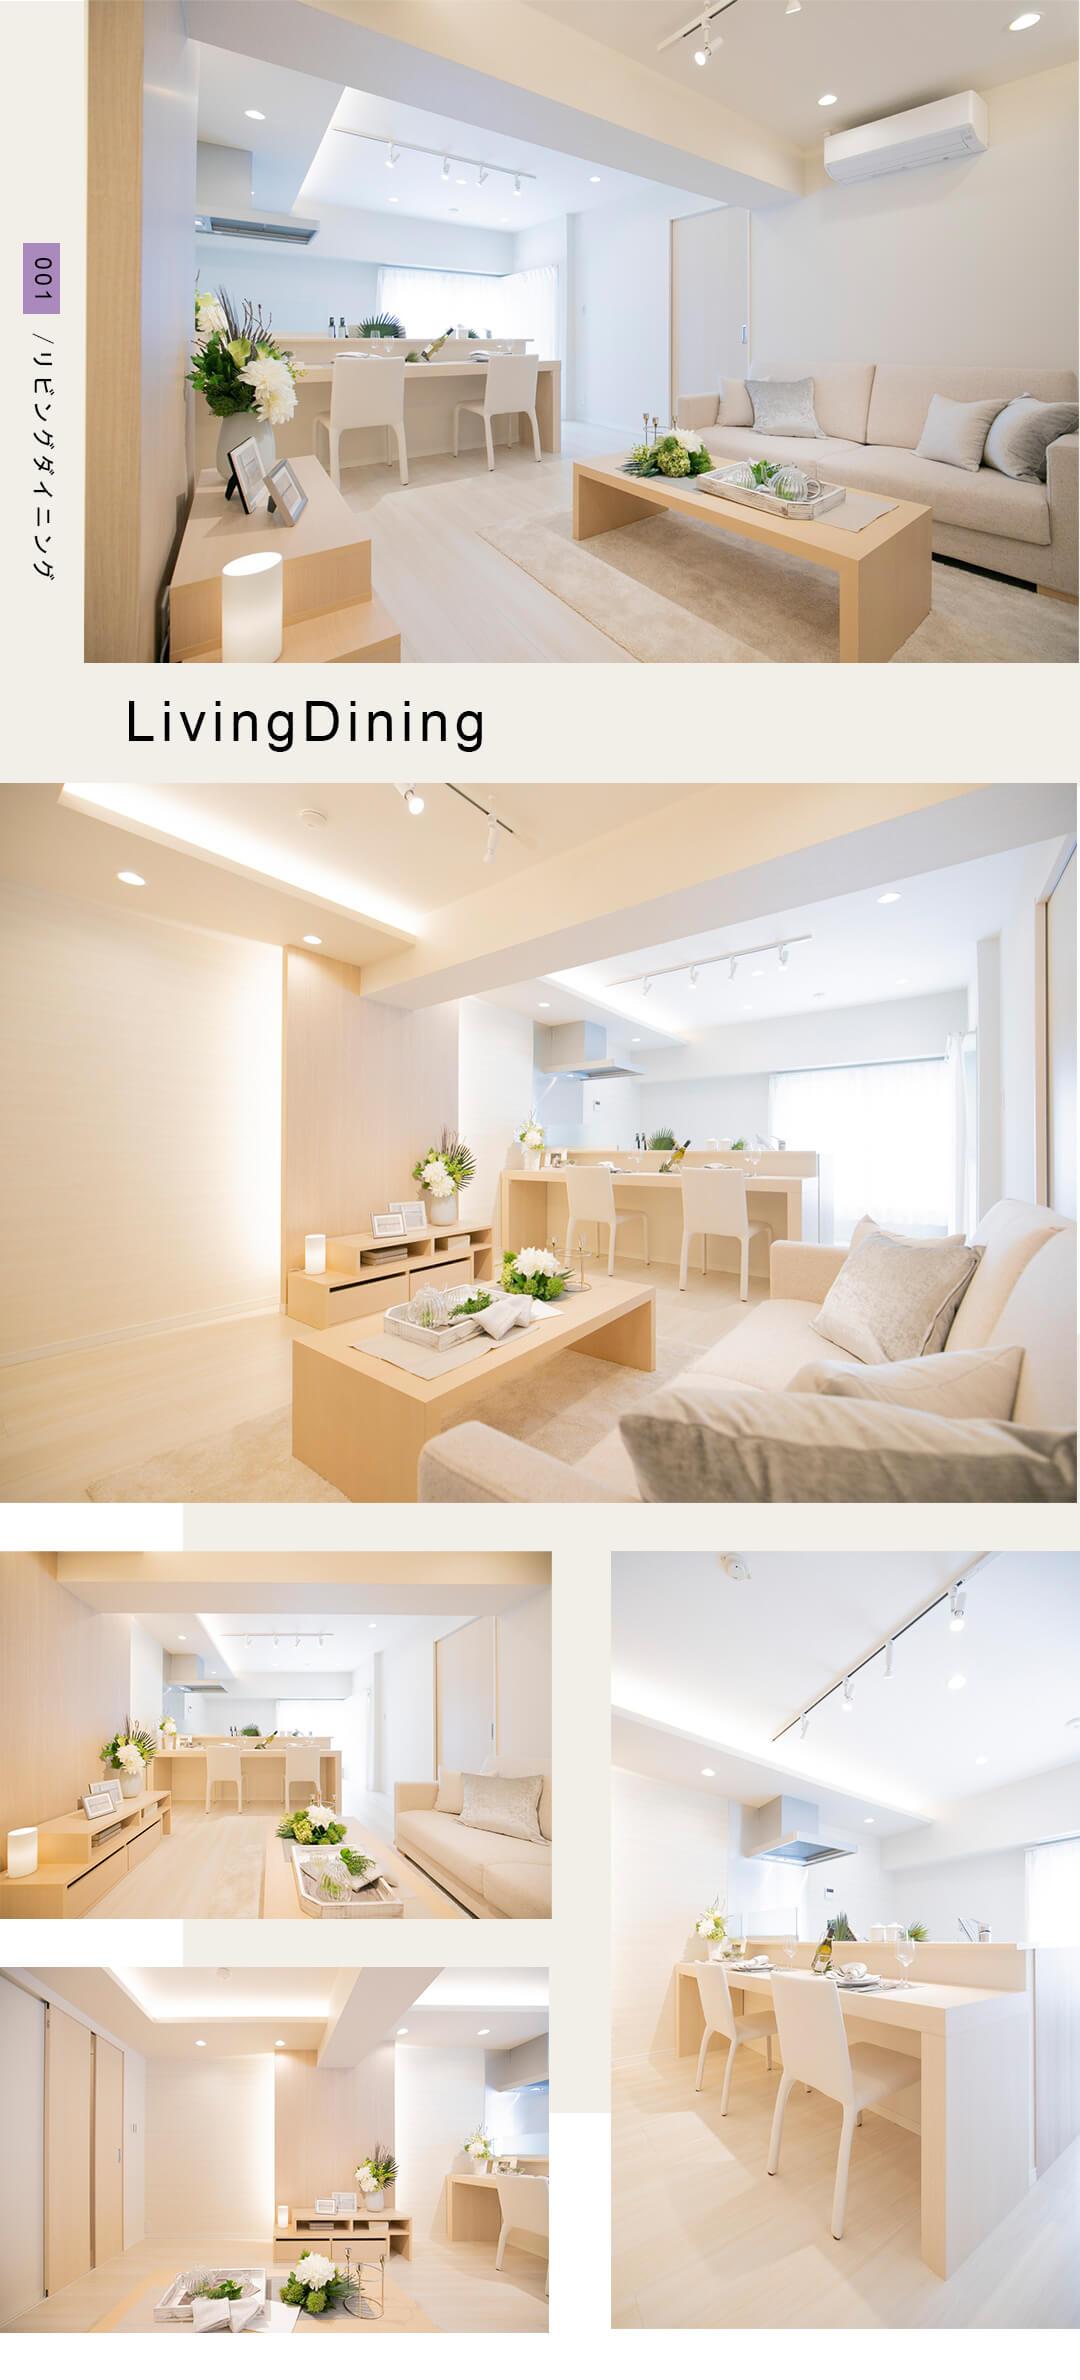 001リビングダイニング,Living,Dining